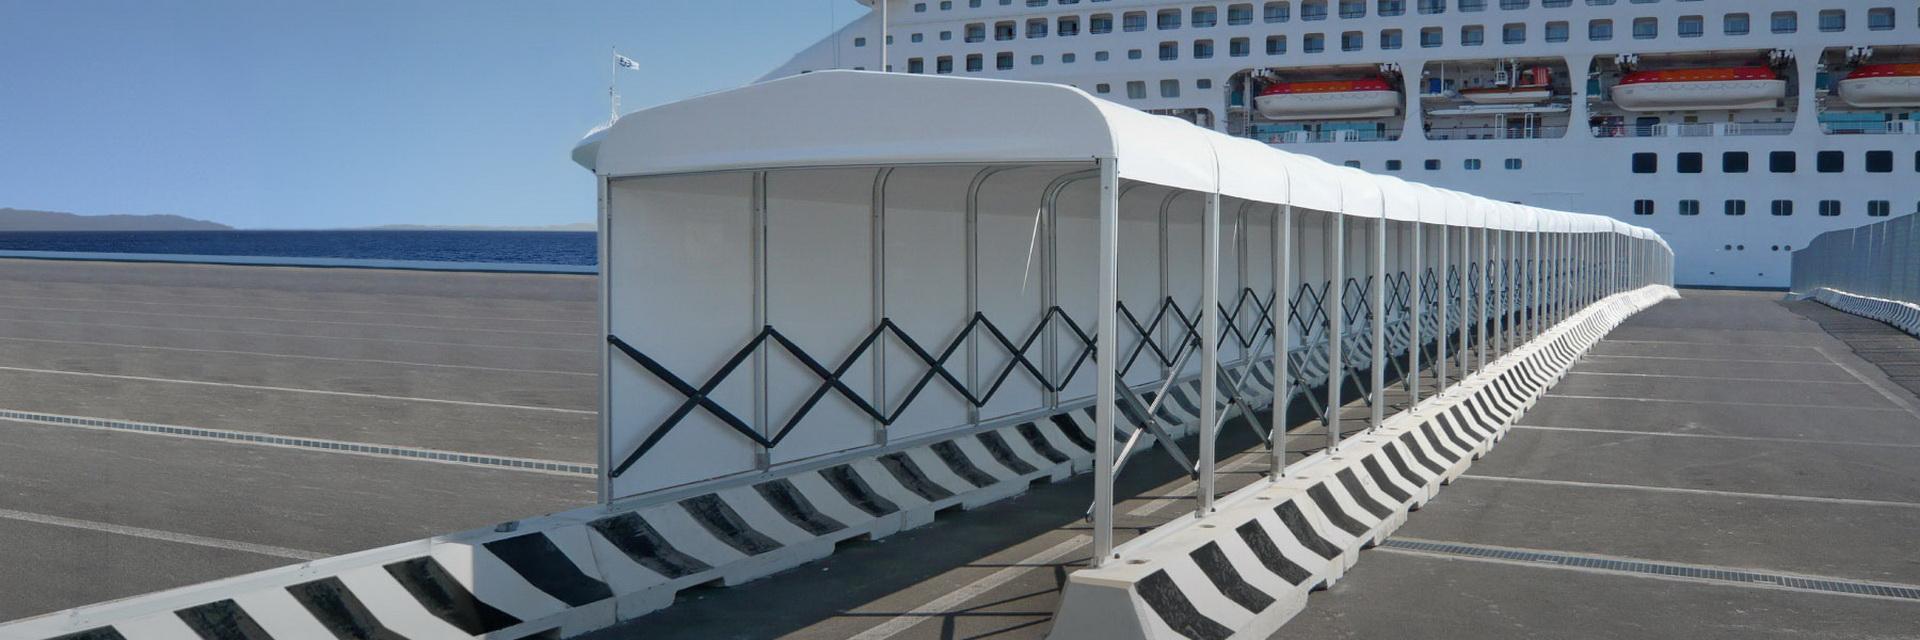 防疫防控通道连廊过道伸缩折叠推拉雨篷